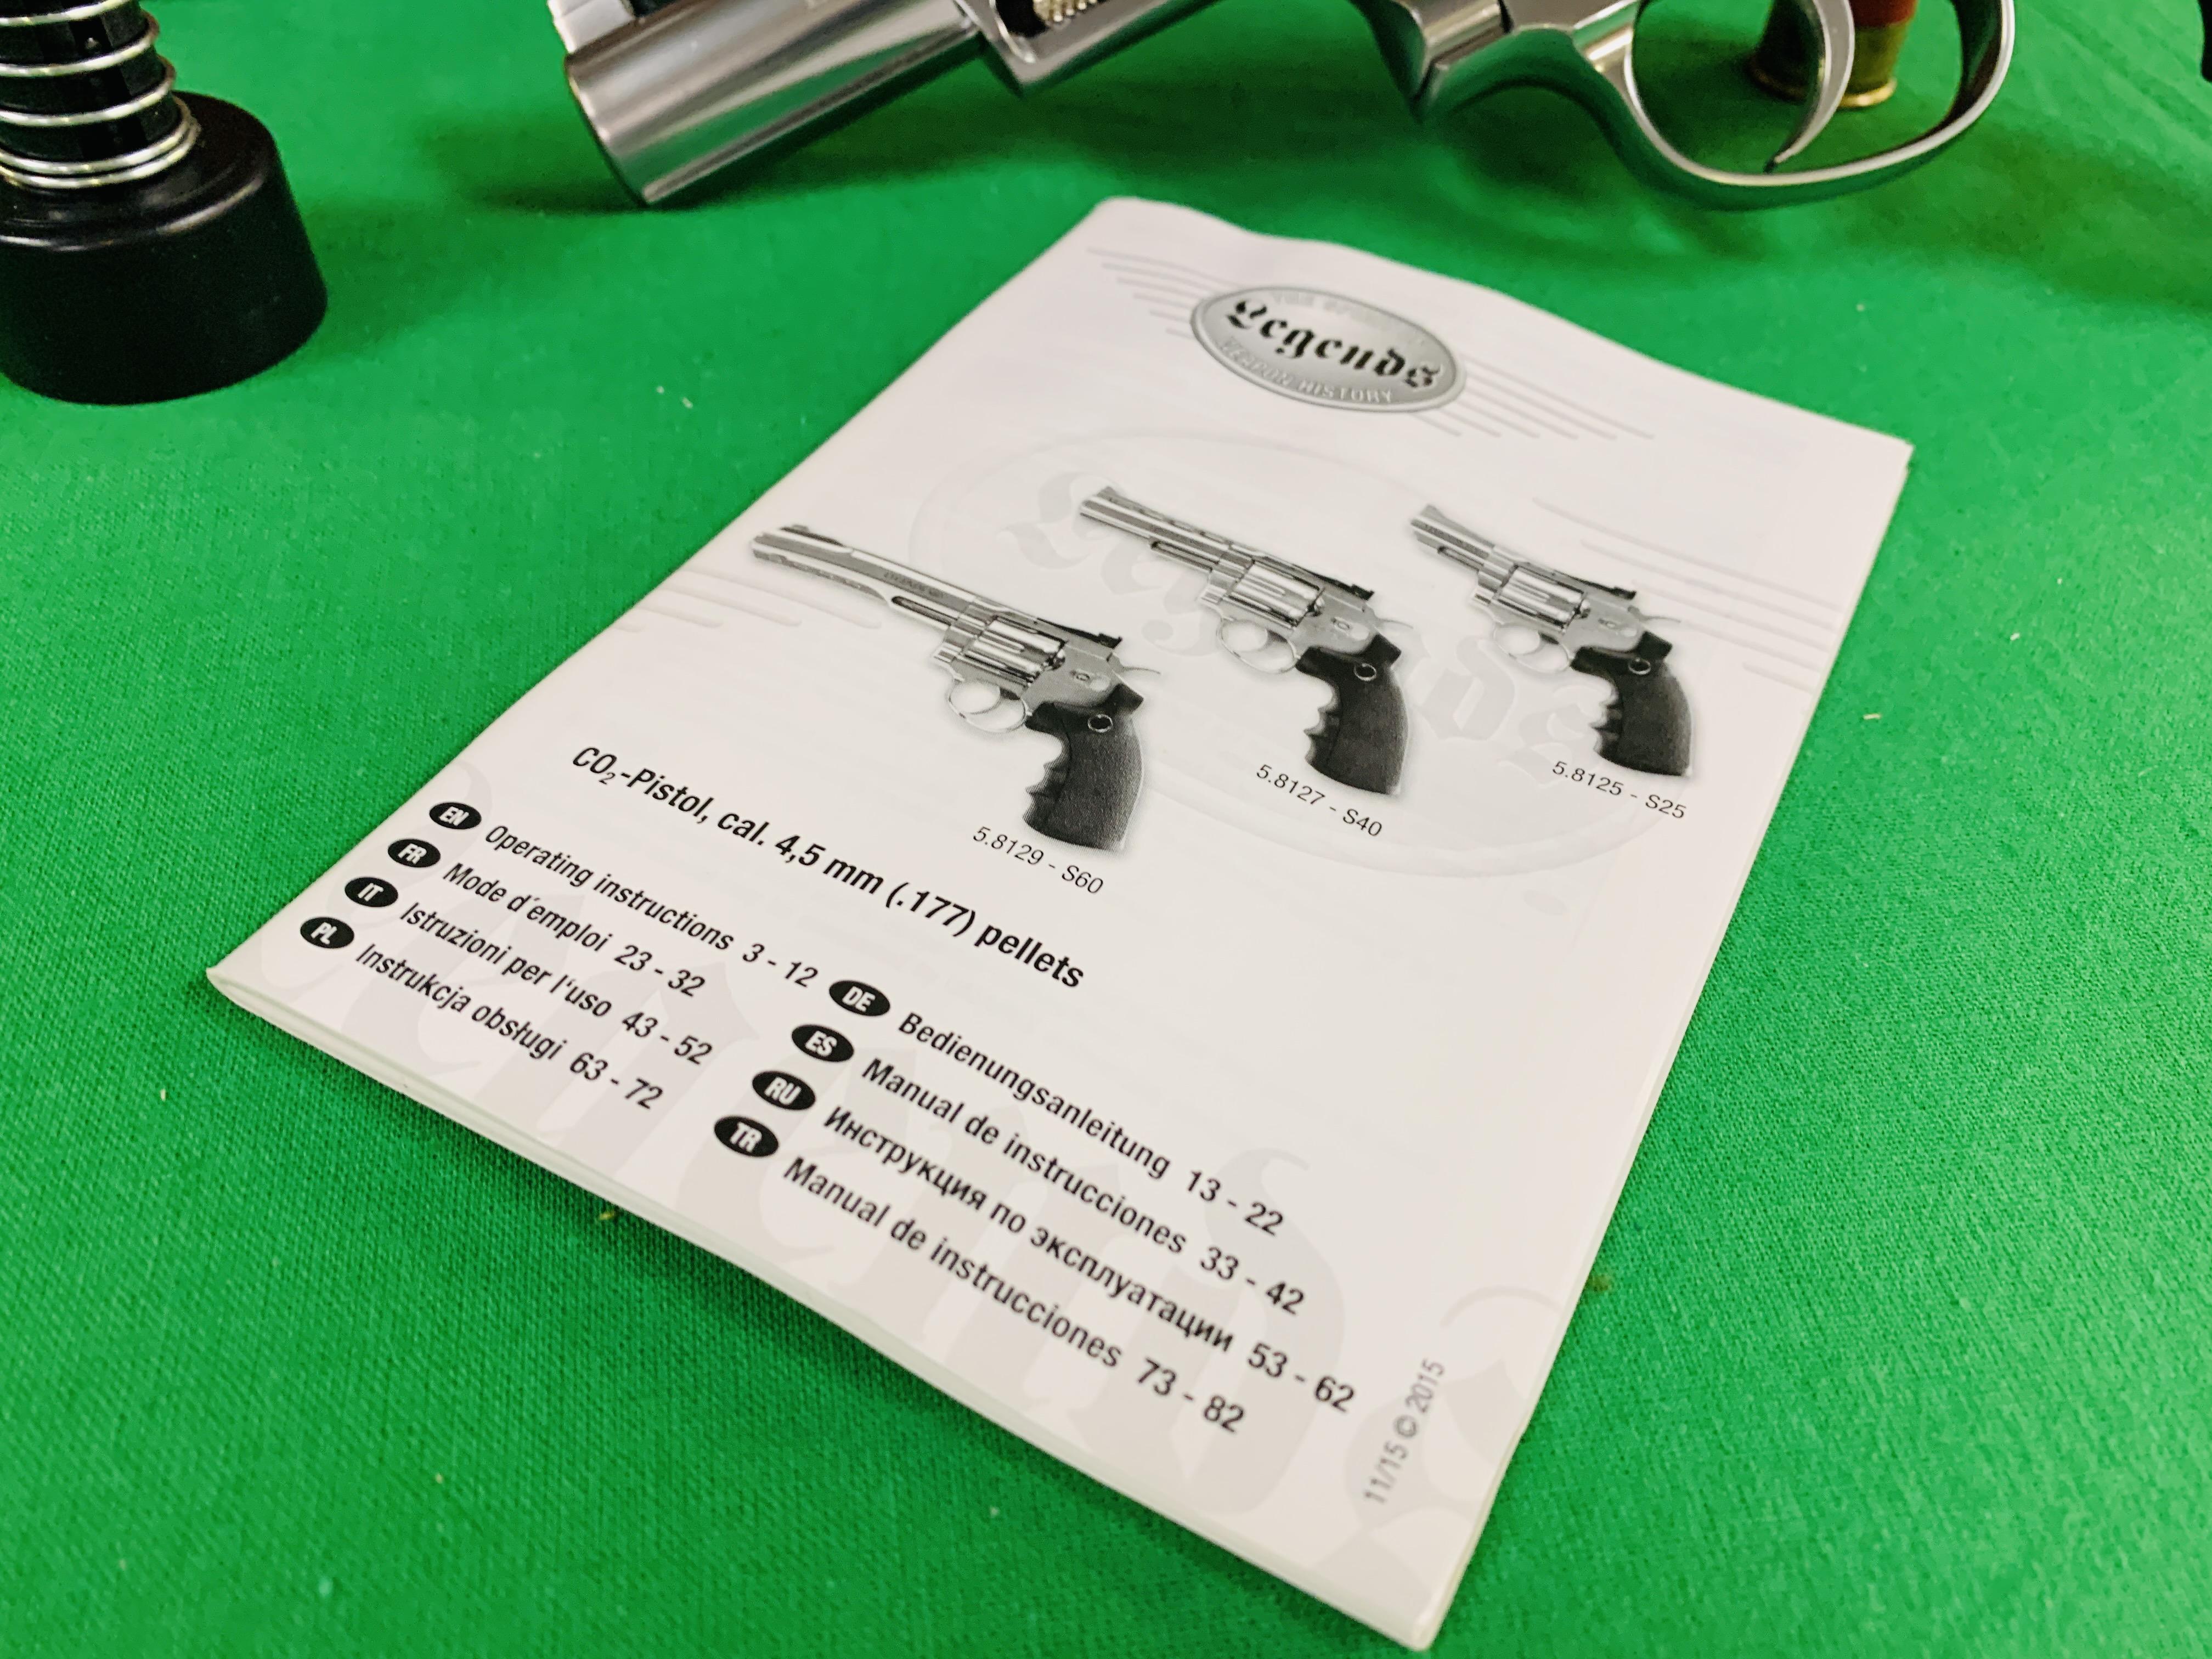 A UMAREX LEGENDS S40 REVOLVER CO² . - Image 5 of 6